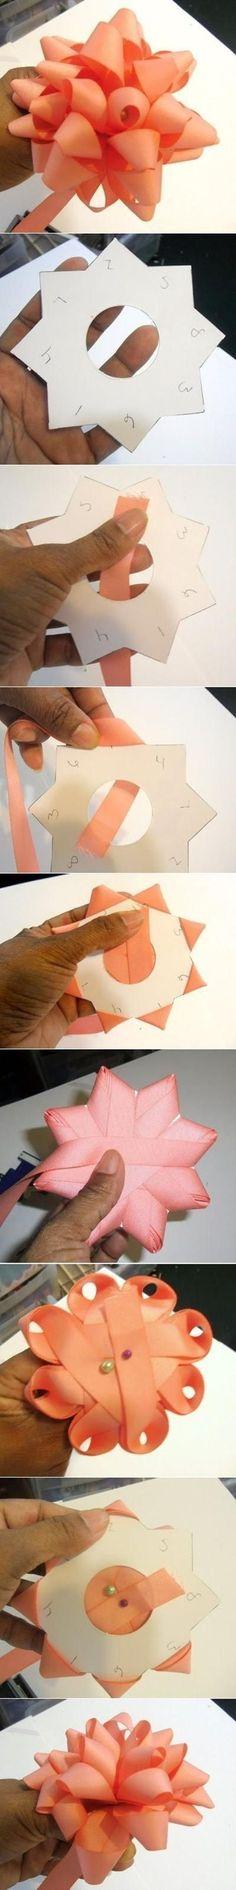 Diferentes maneras de utilizar las cintas 1